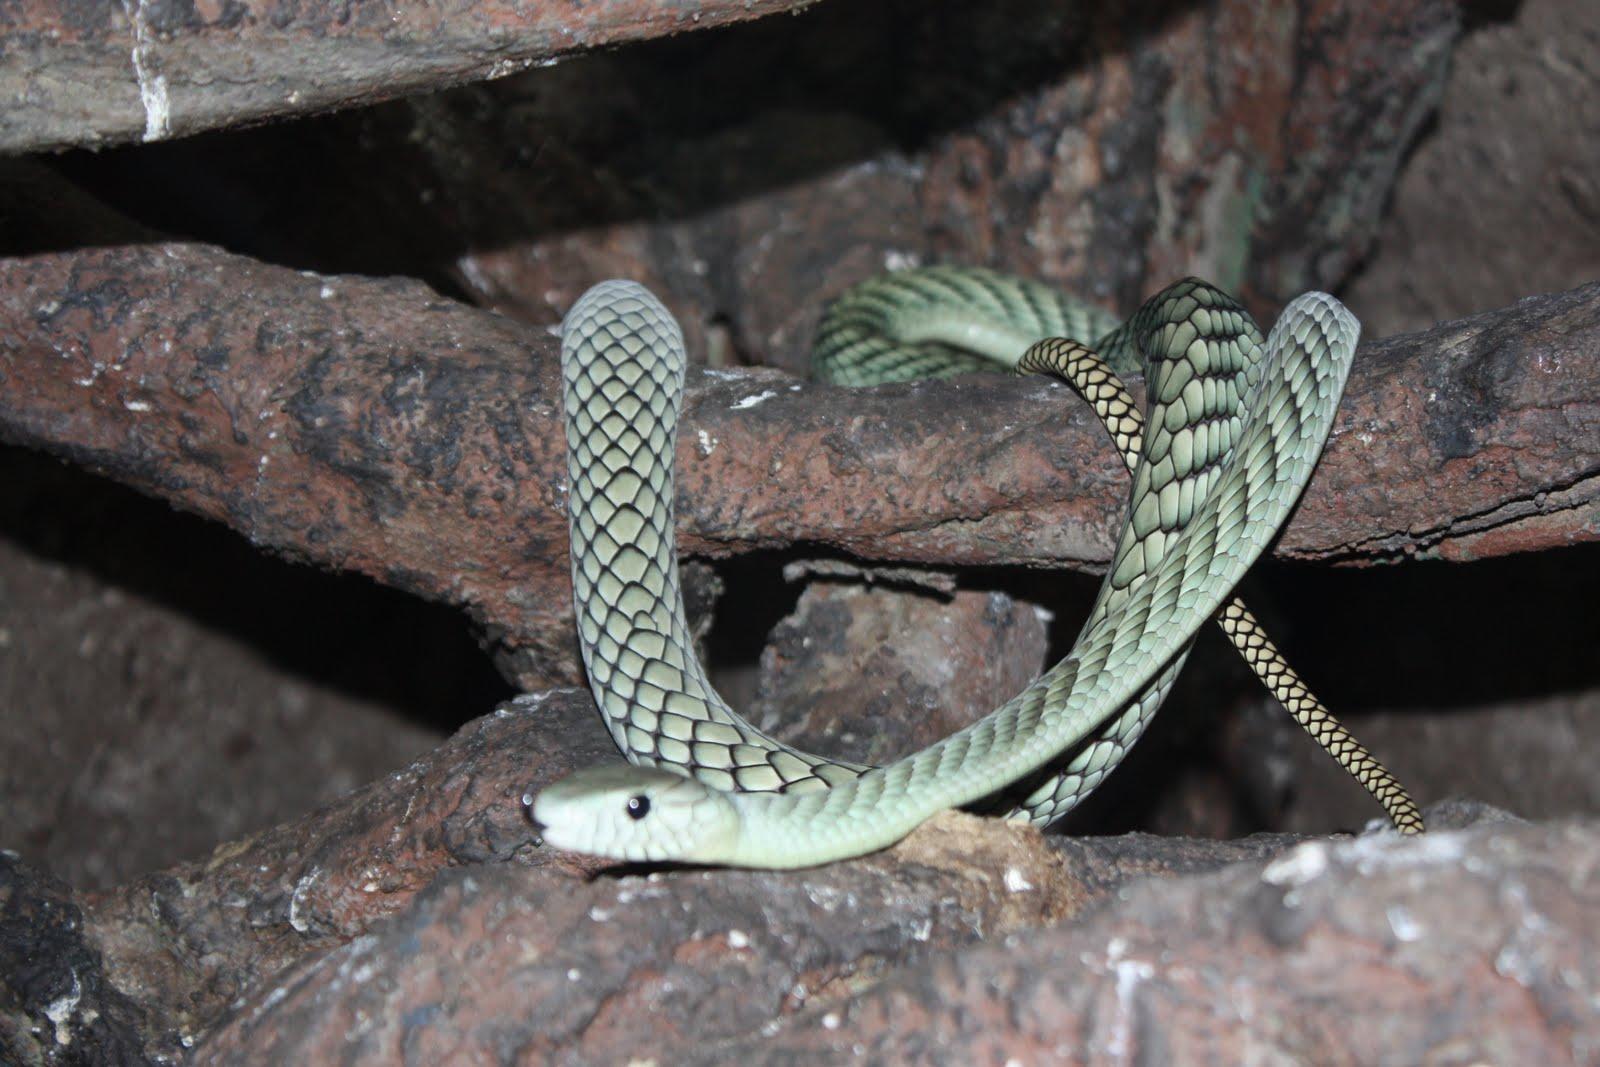 King Cobra Striking